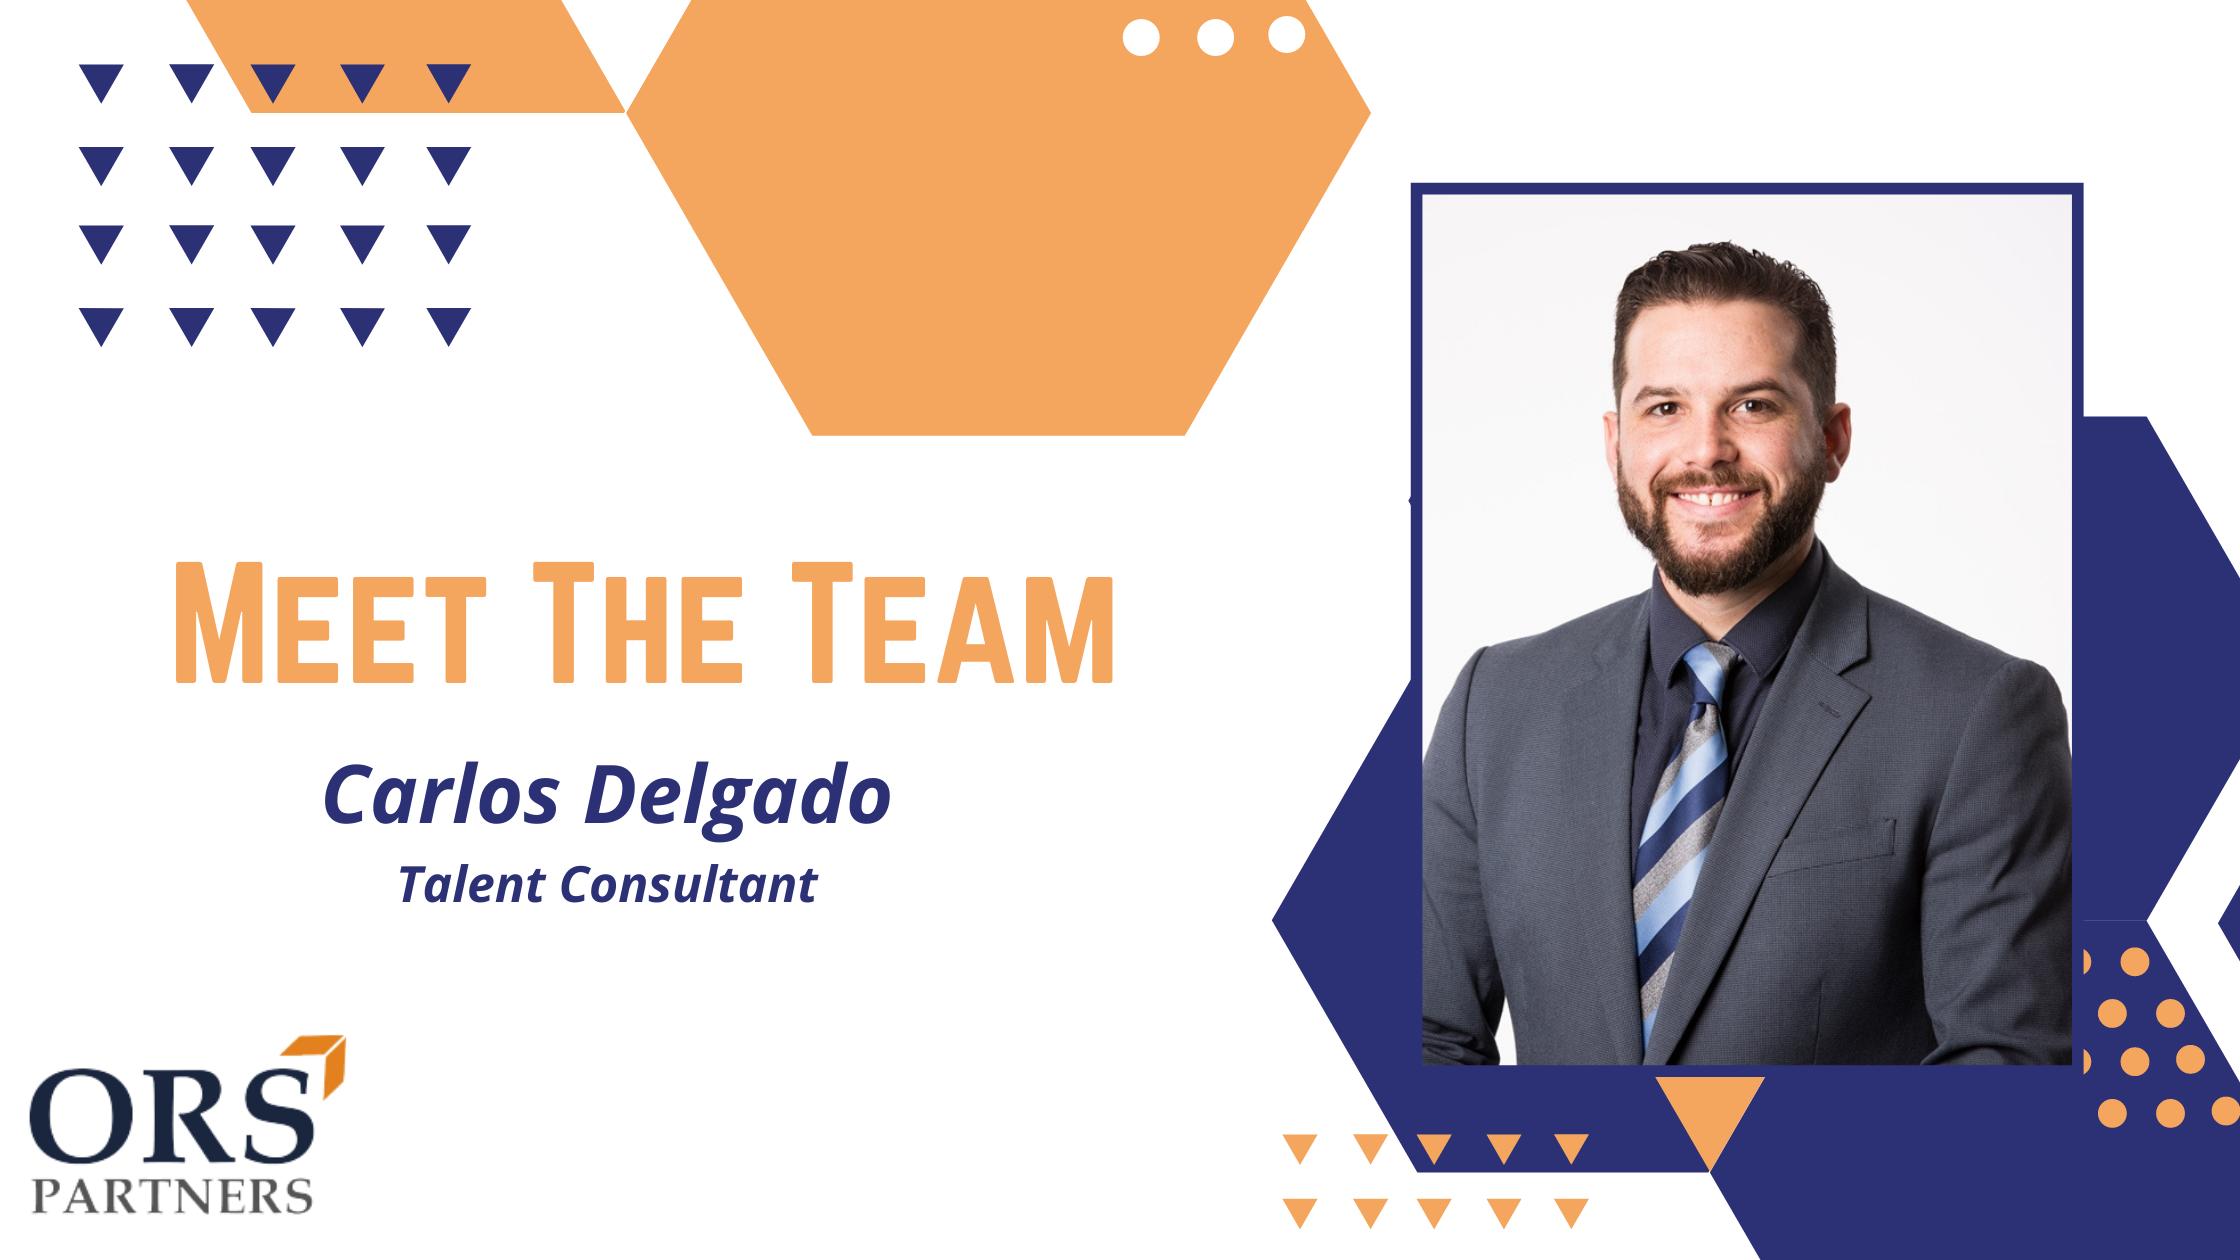 Meet the Team: Carlos Delgado